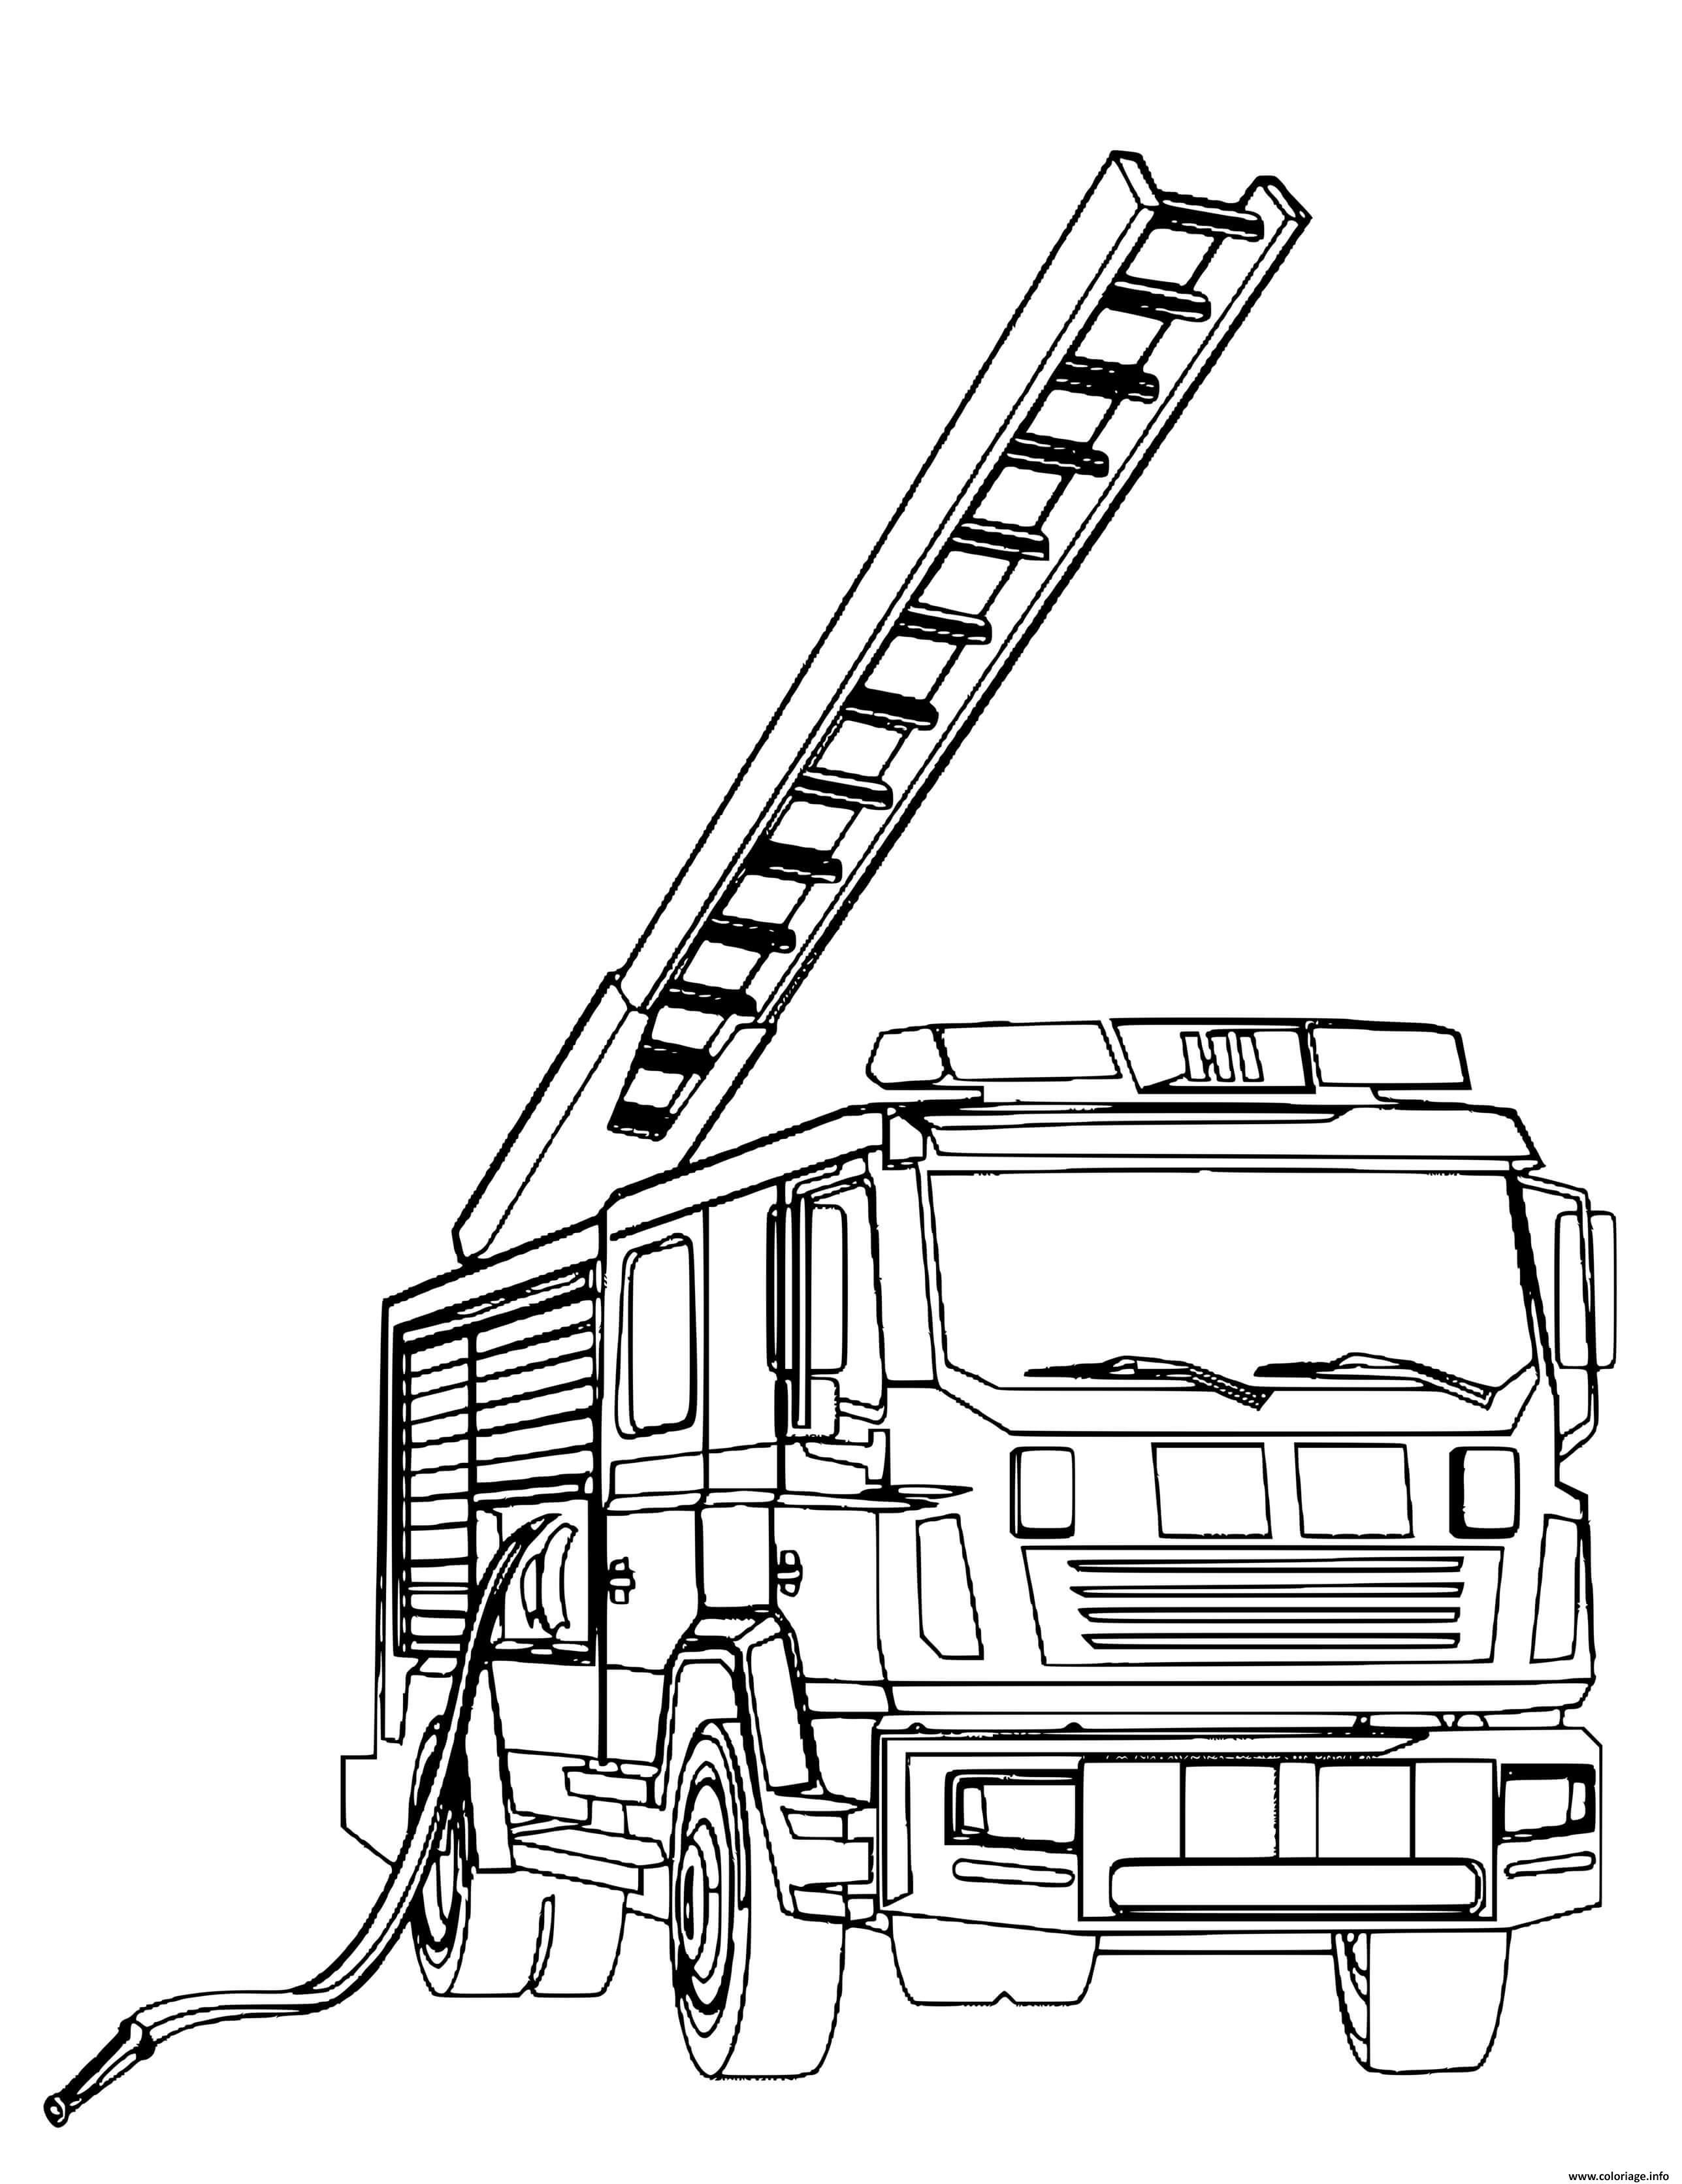 Coloriage Camion De Pompier Avec Une Echelle Dessin Pompier A Imprimer